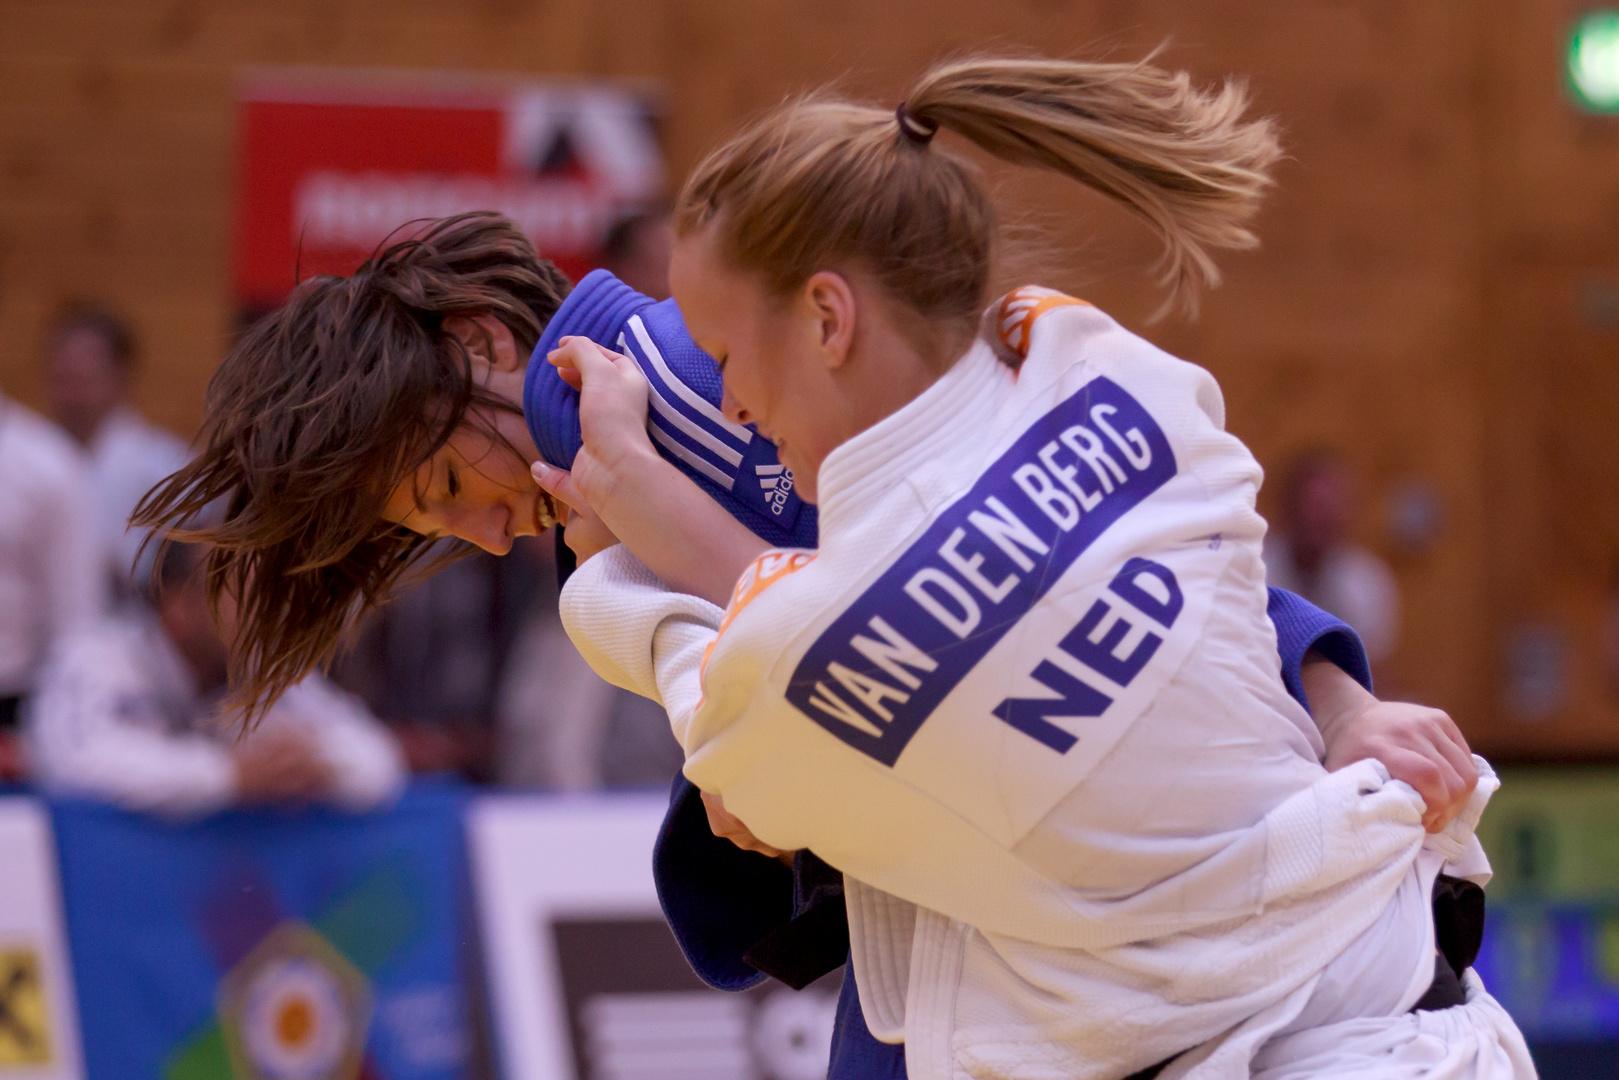 Judo Europacup Junioren Leibnitz 2014 ... 3